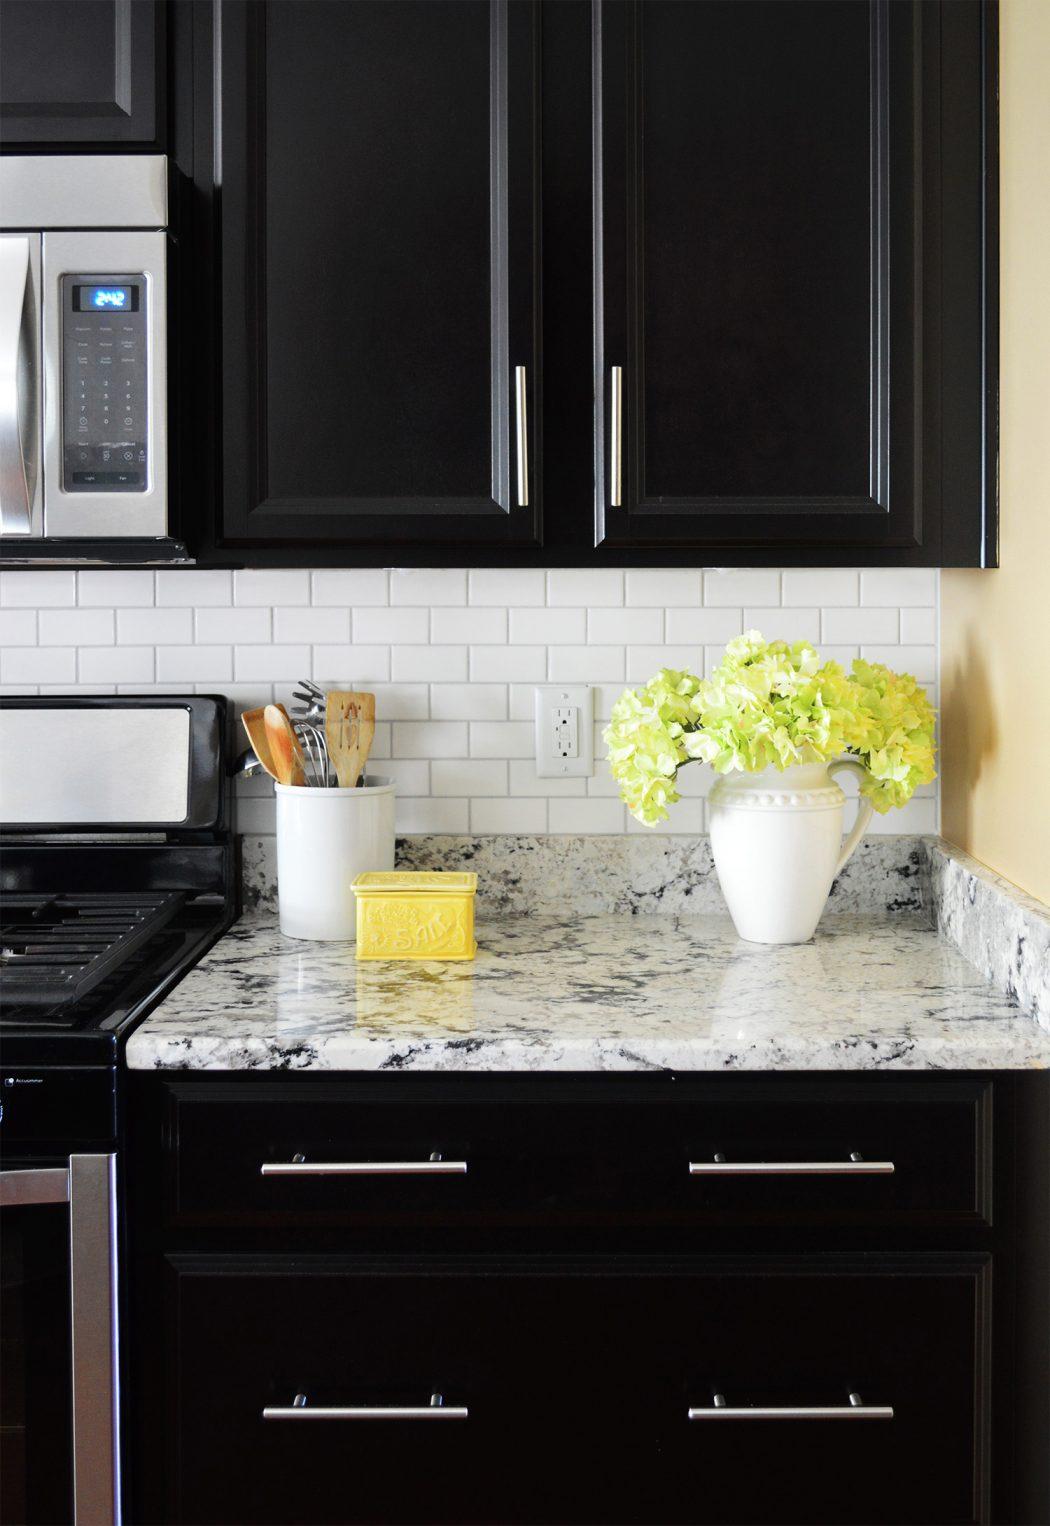 Installing A Subway Tile Kitchen Backsplash For $200